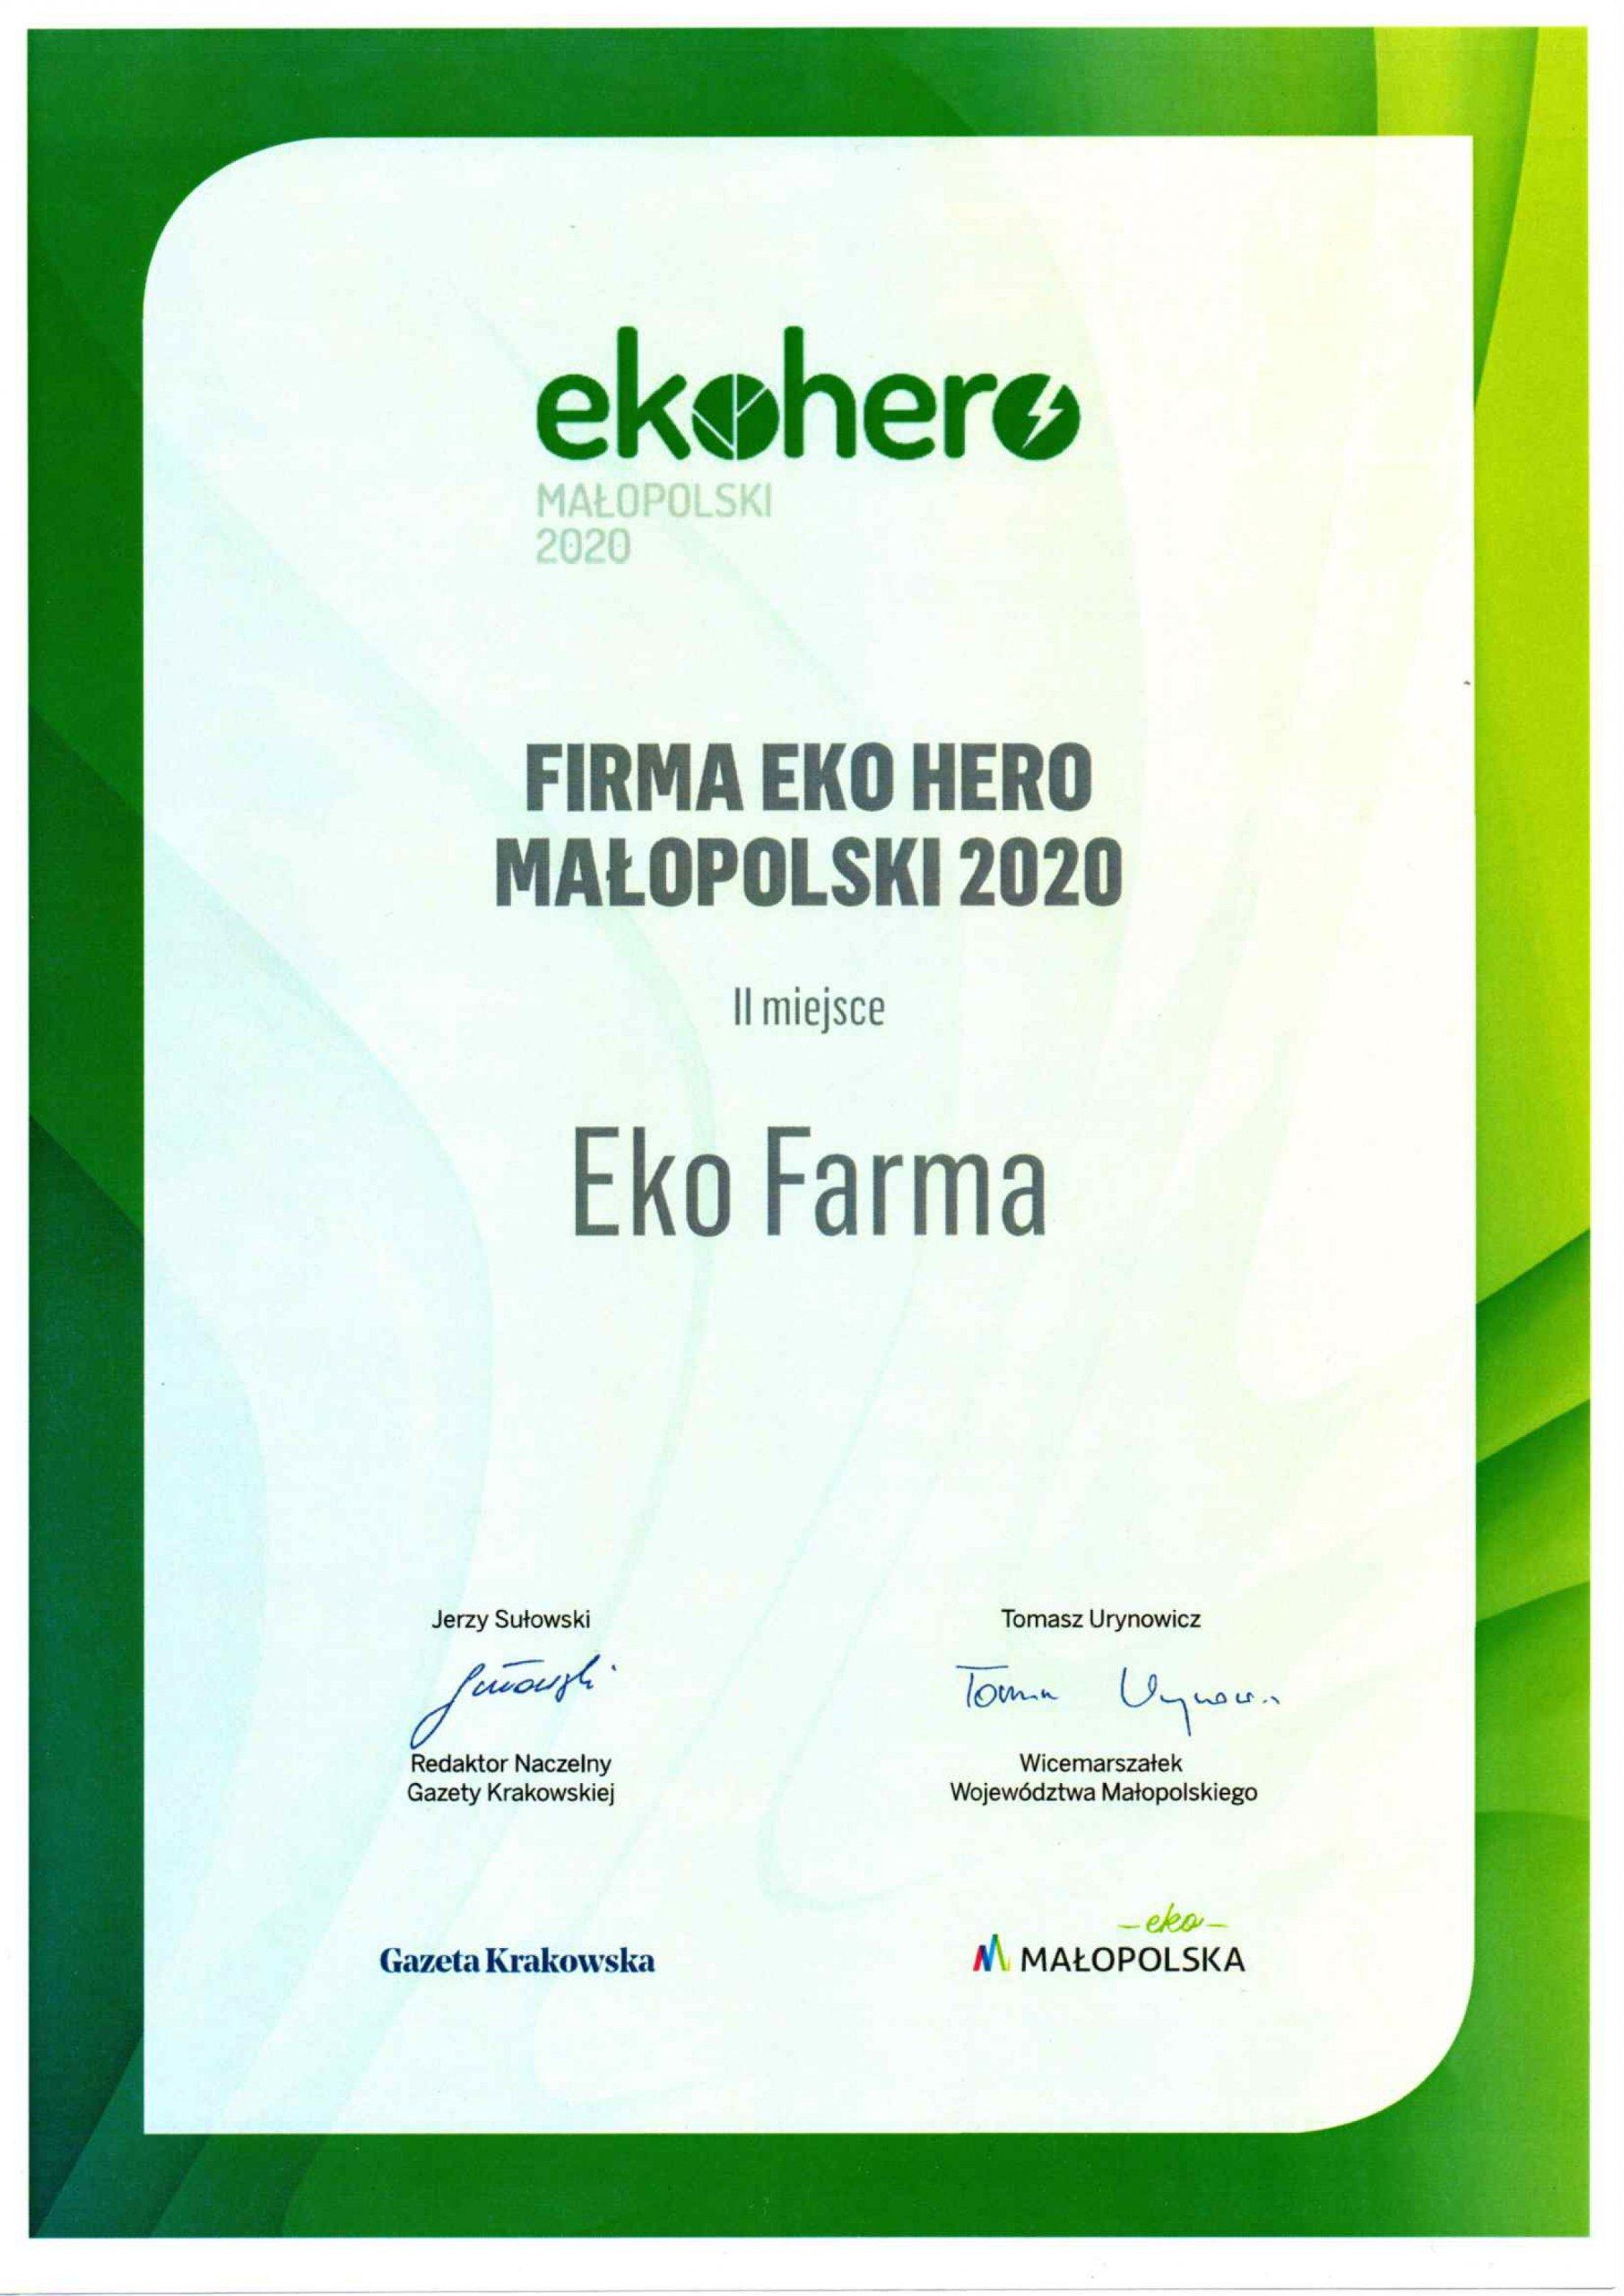 eko hero Eko Farma